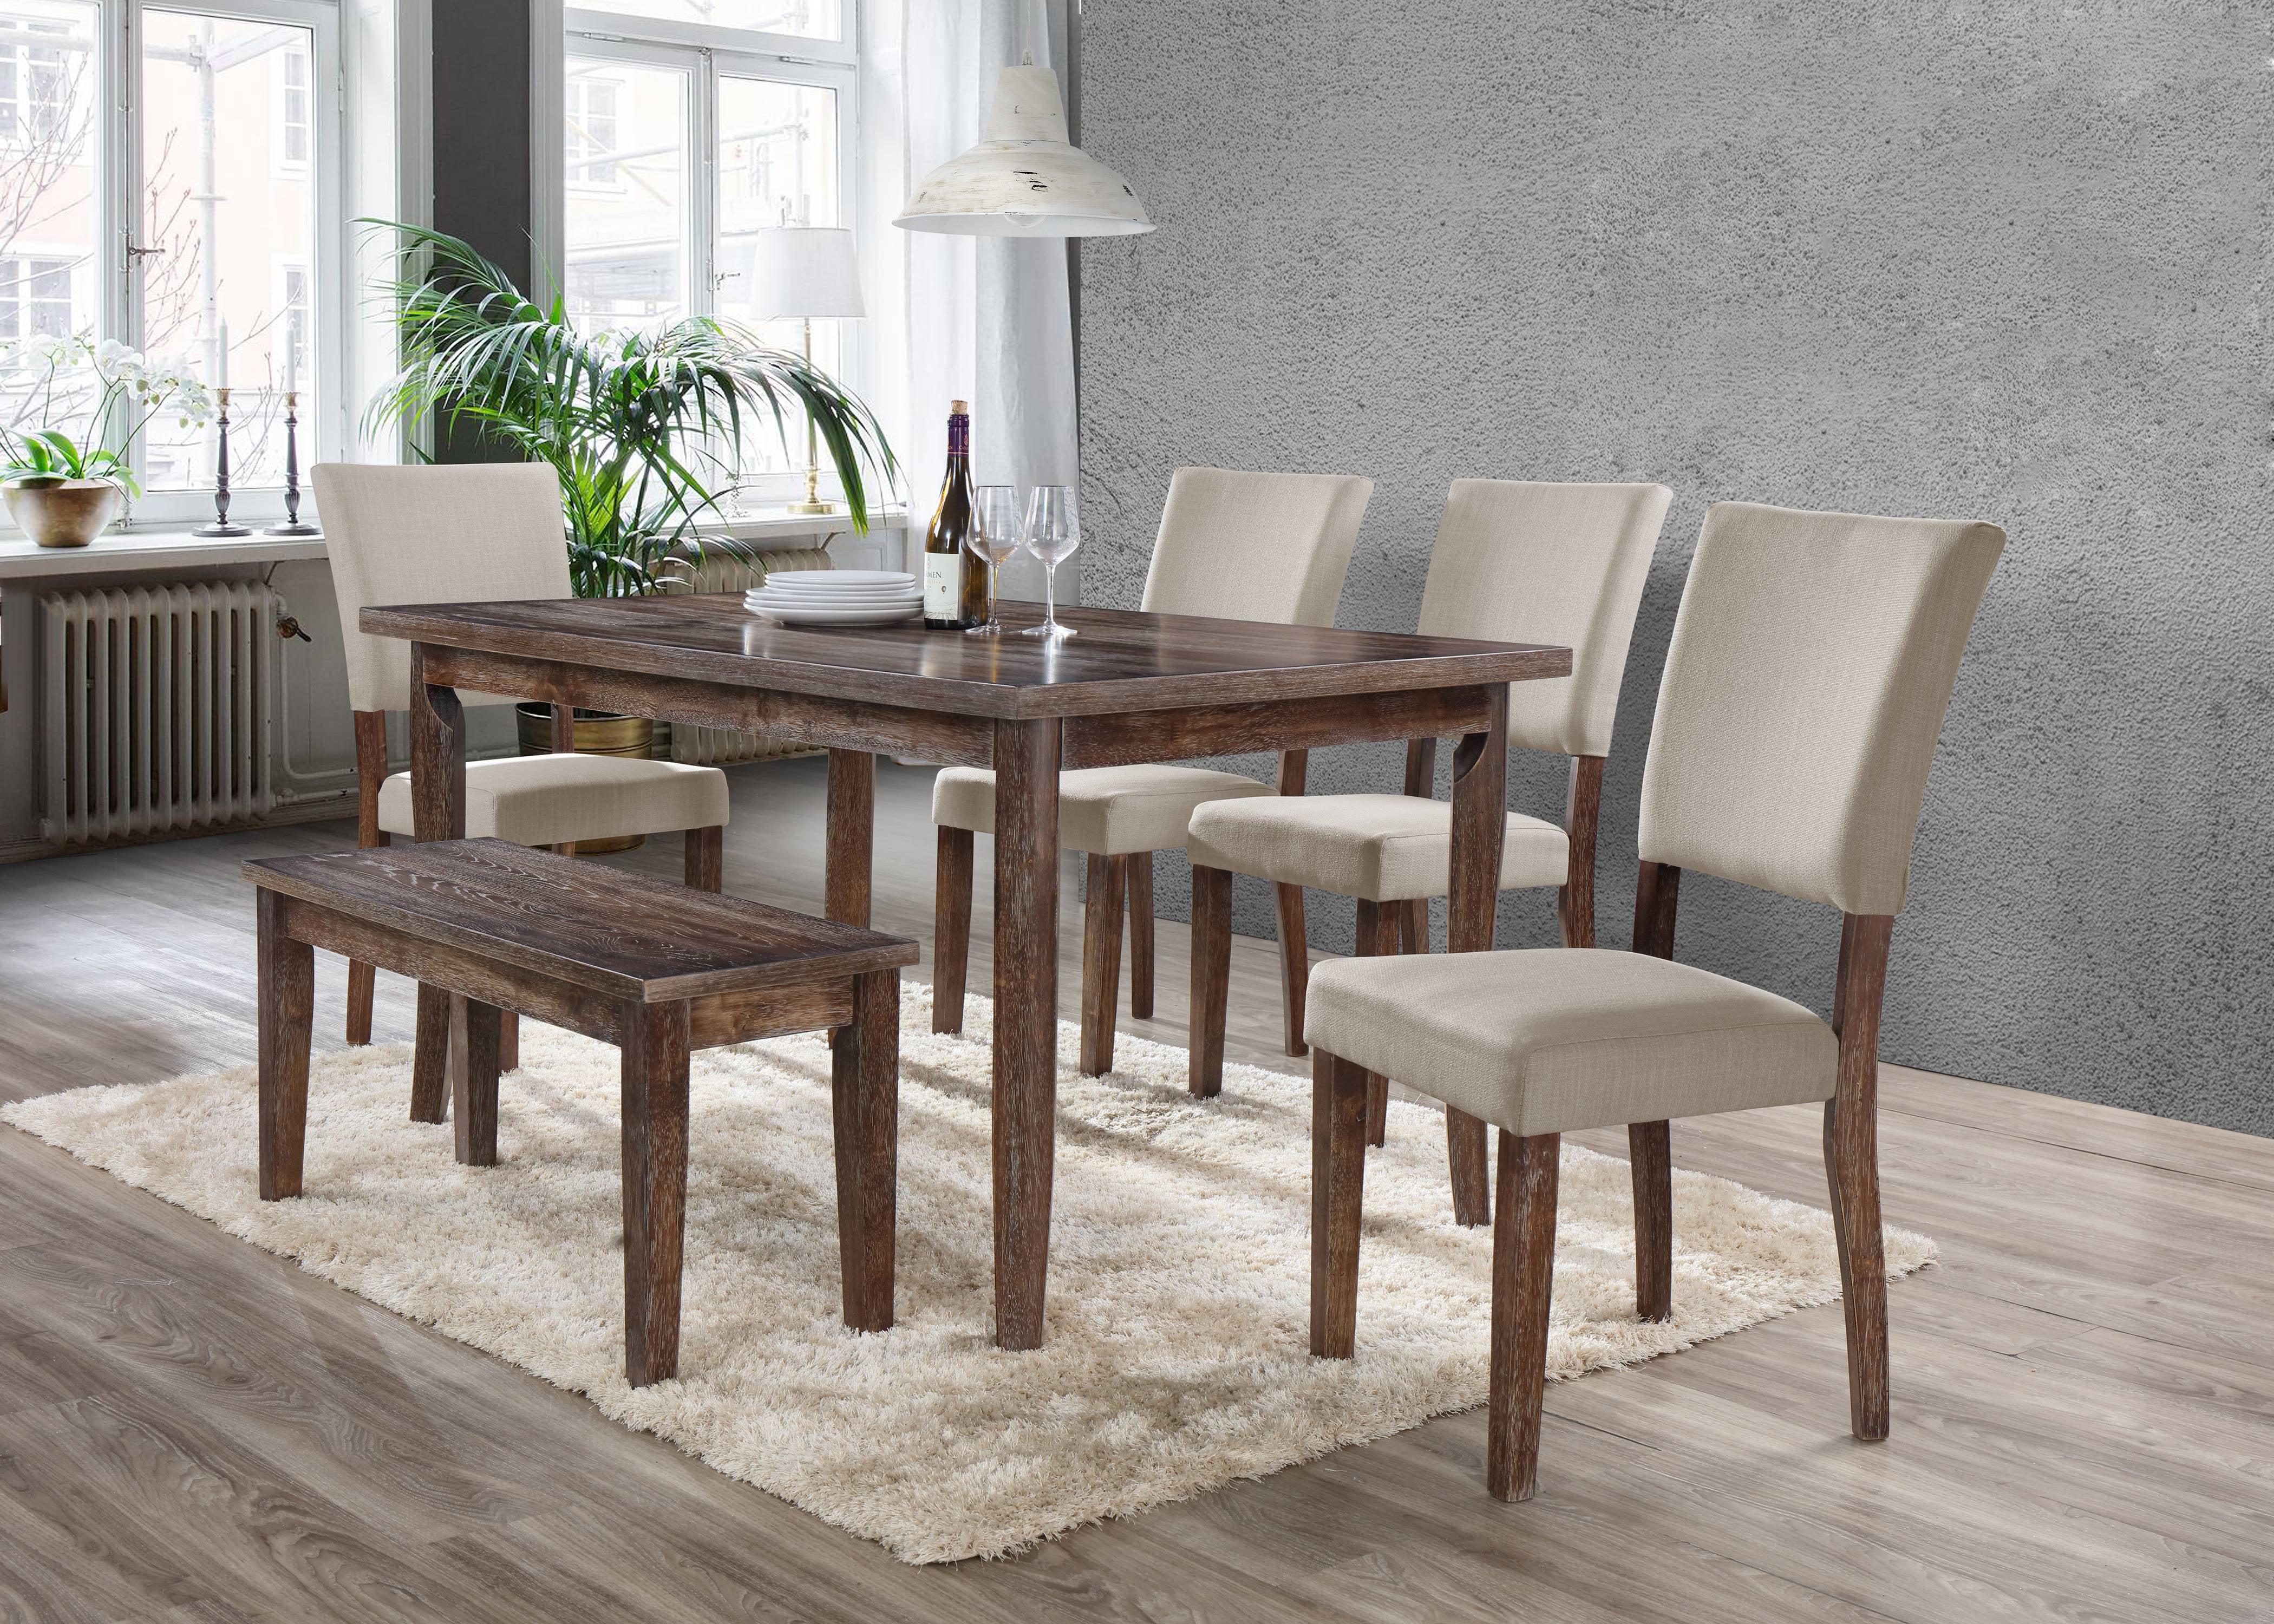 Best Master Furniture MINDY 6 Pcs Transitional Antique Natural Oak Dining Room Set by Best Master Furniture